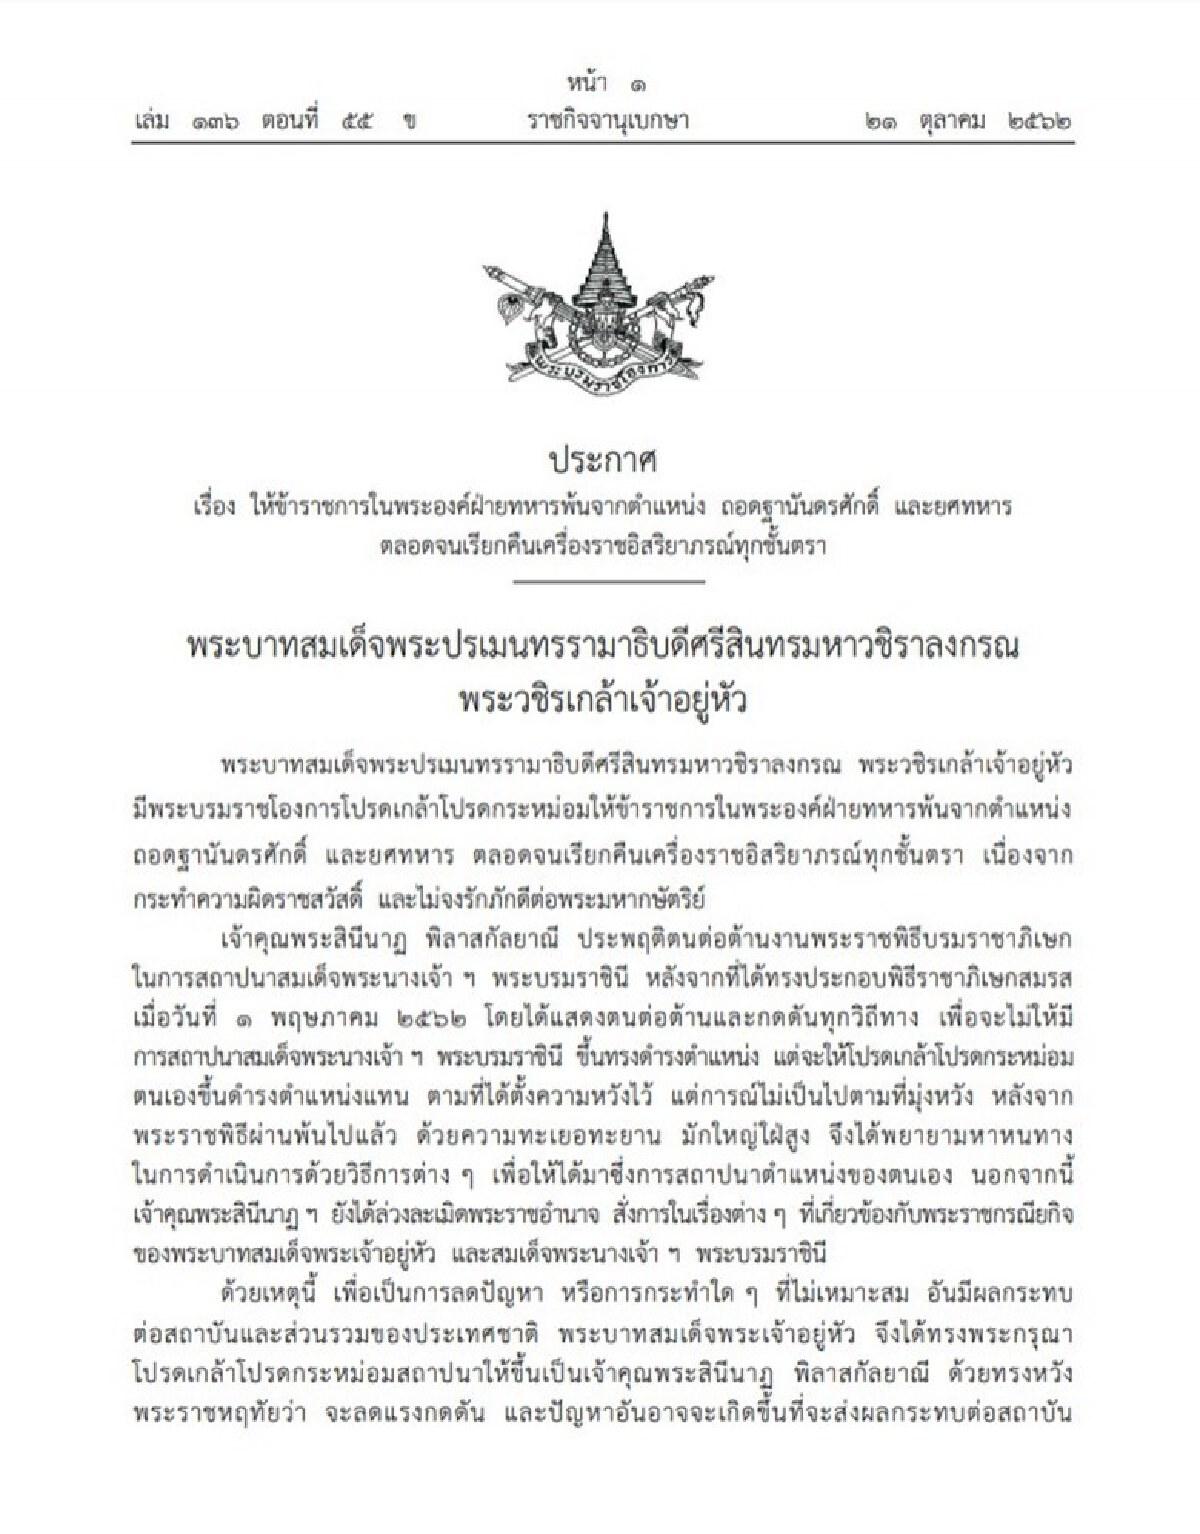 โปรดเกล้าฯ ถอดฐานันดรศักดิ์-ยศทหาร เจ้าคุณพระสินีนาฏฯ